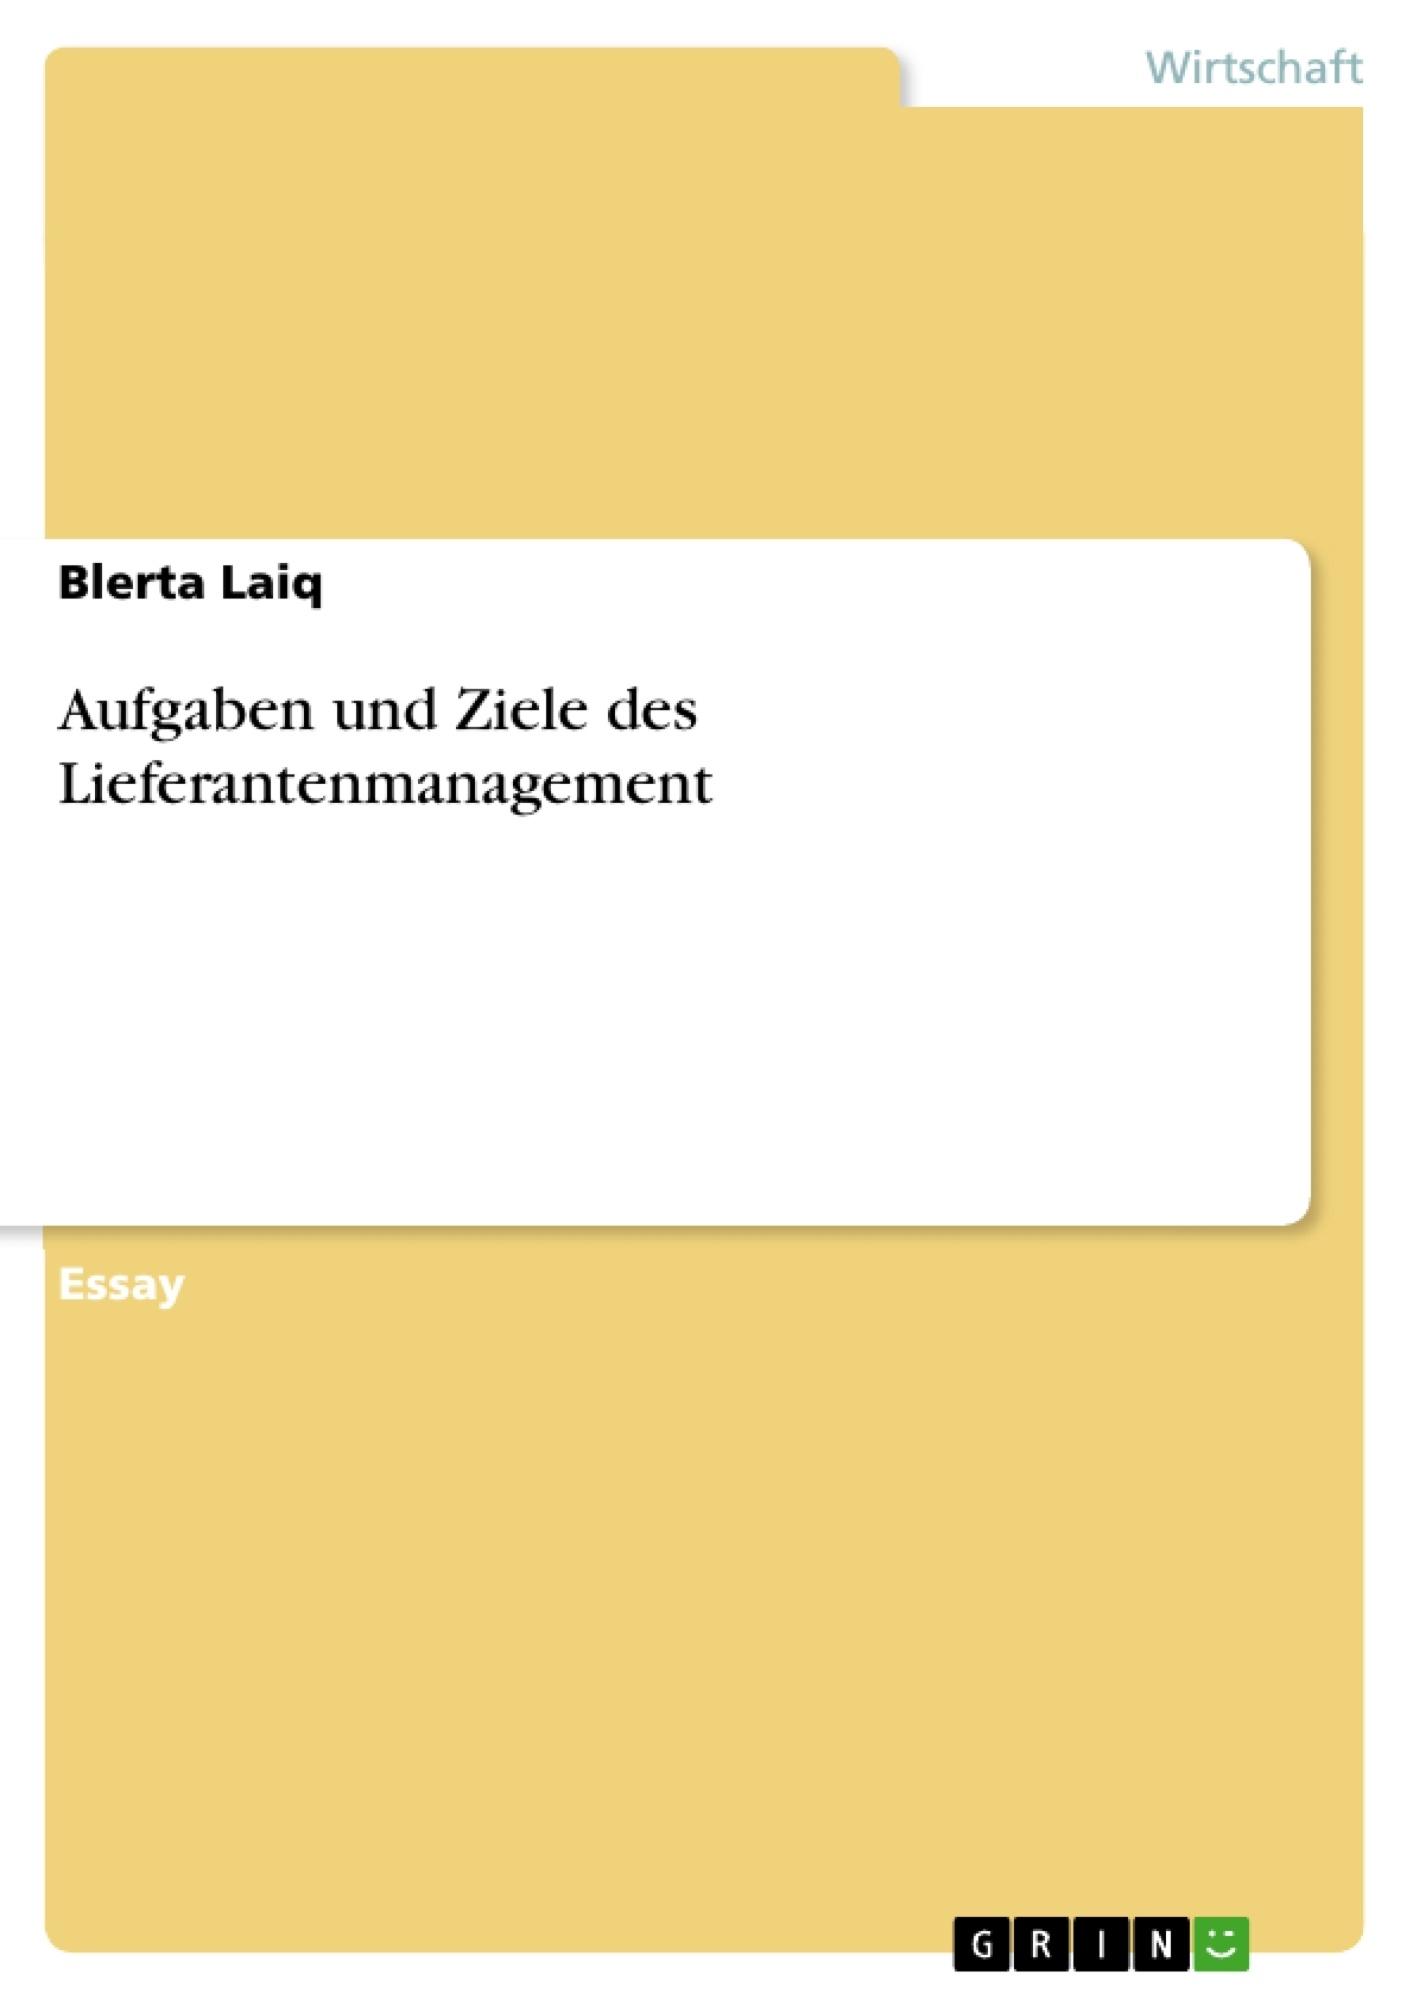 Titel: Aufgaben und Ziele des Lieferantenmanagement